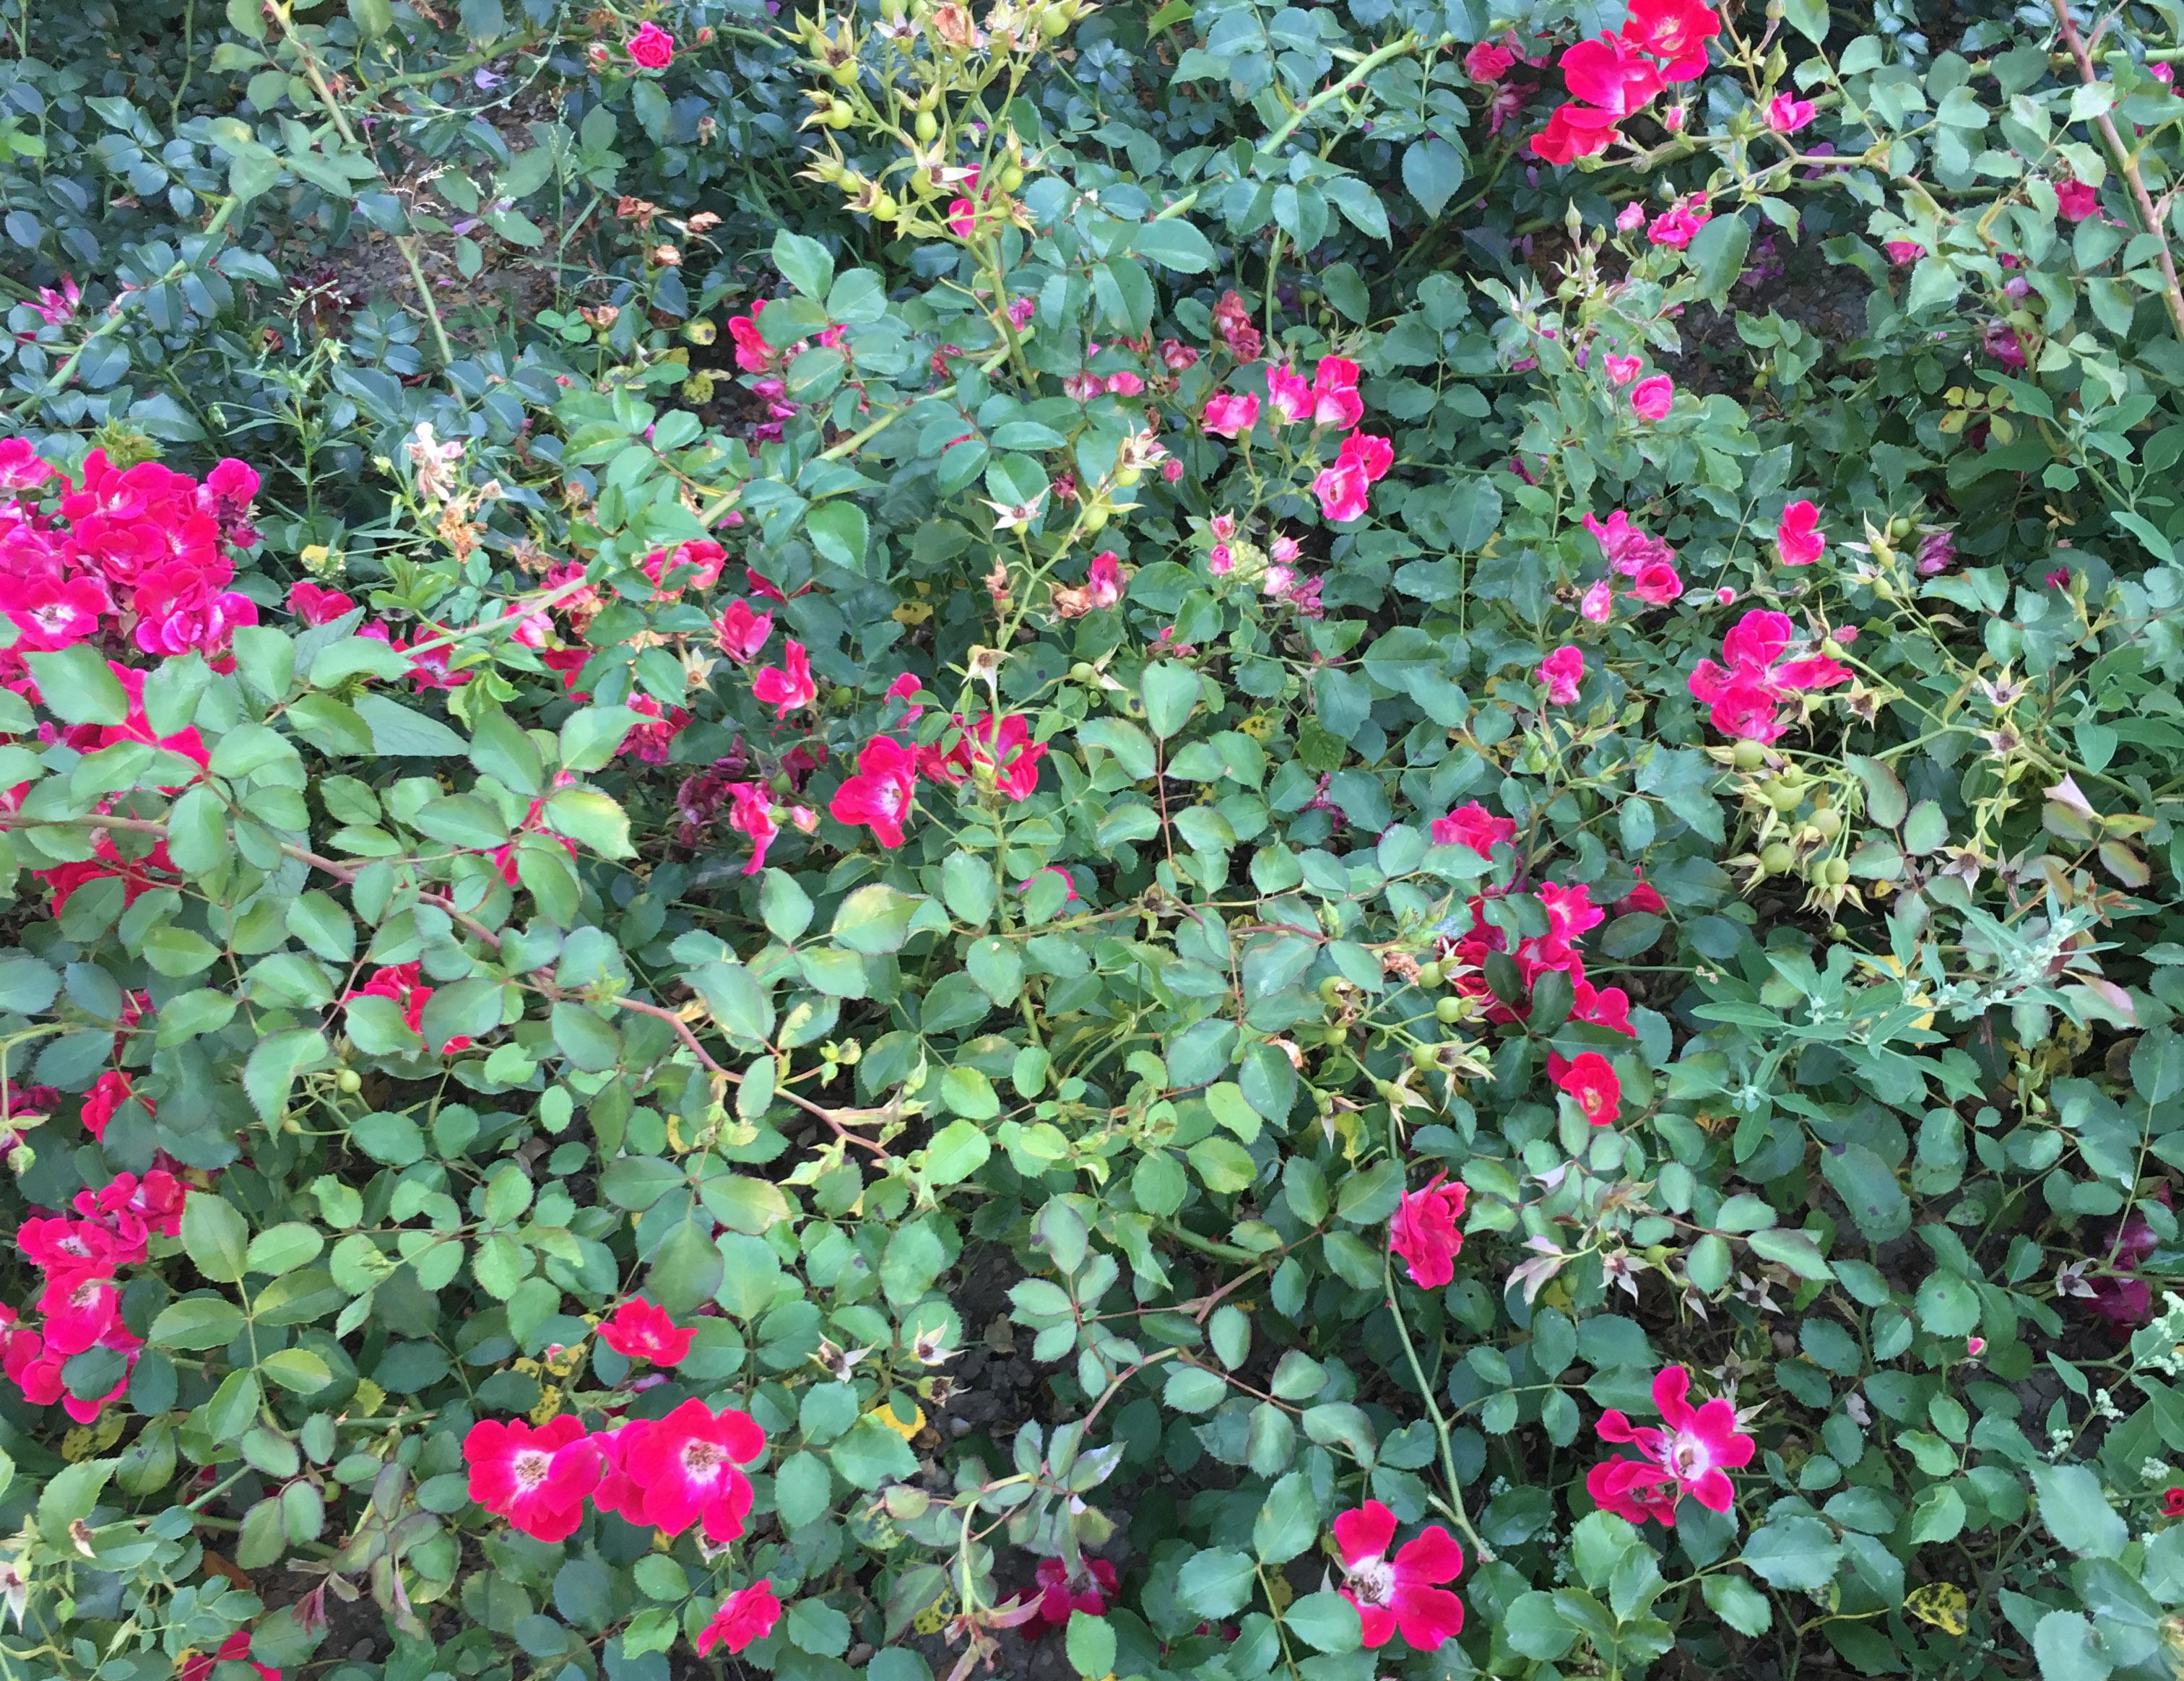 Blumenwiese im Lainzer Tiergarten, Fotocredits: Energieleben Redaktion